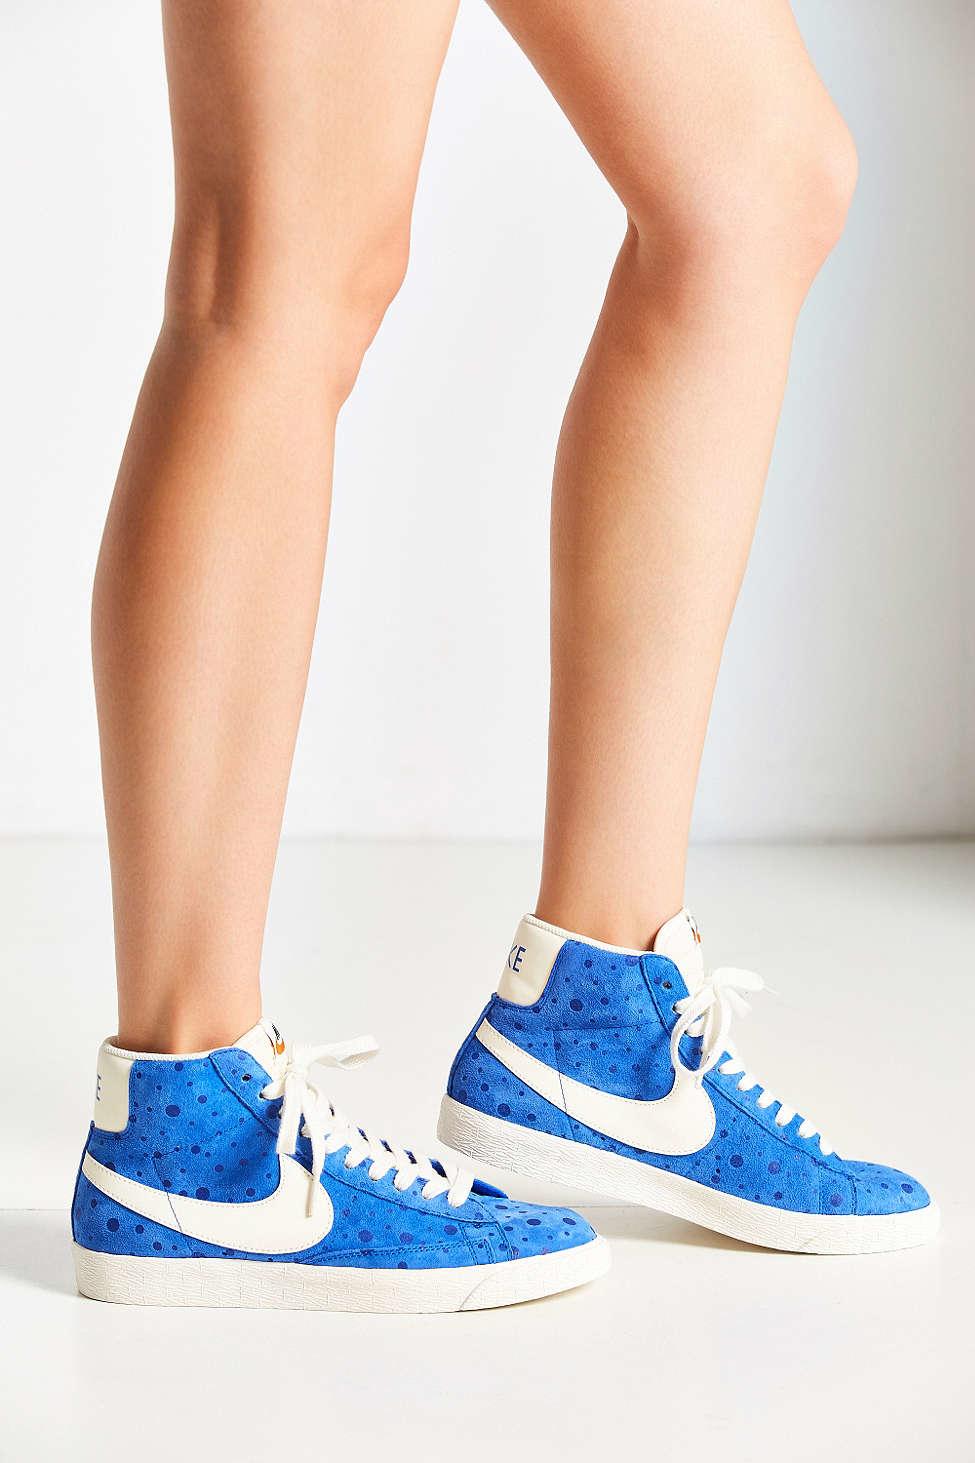 Lyst - Nike Womens Blazer Mid Suede Vintage Sneaker in Blue ... cdb5795fd